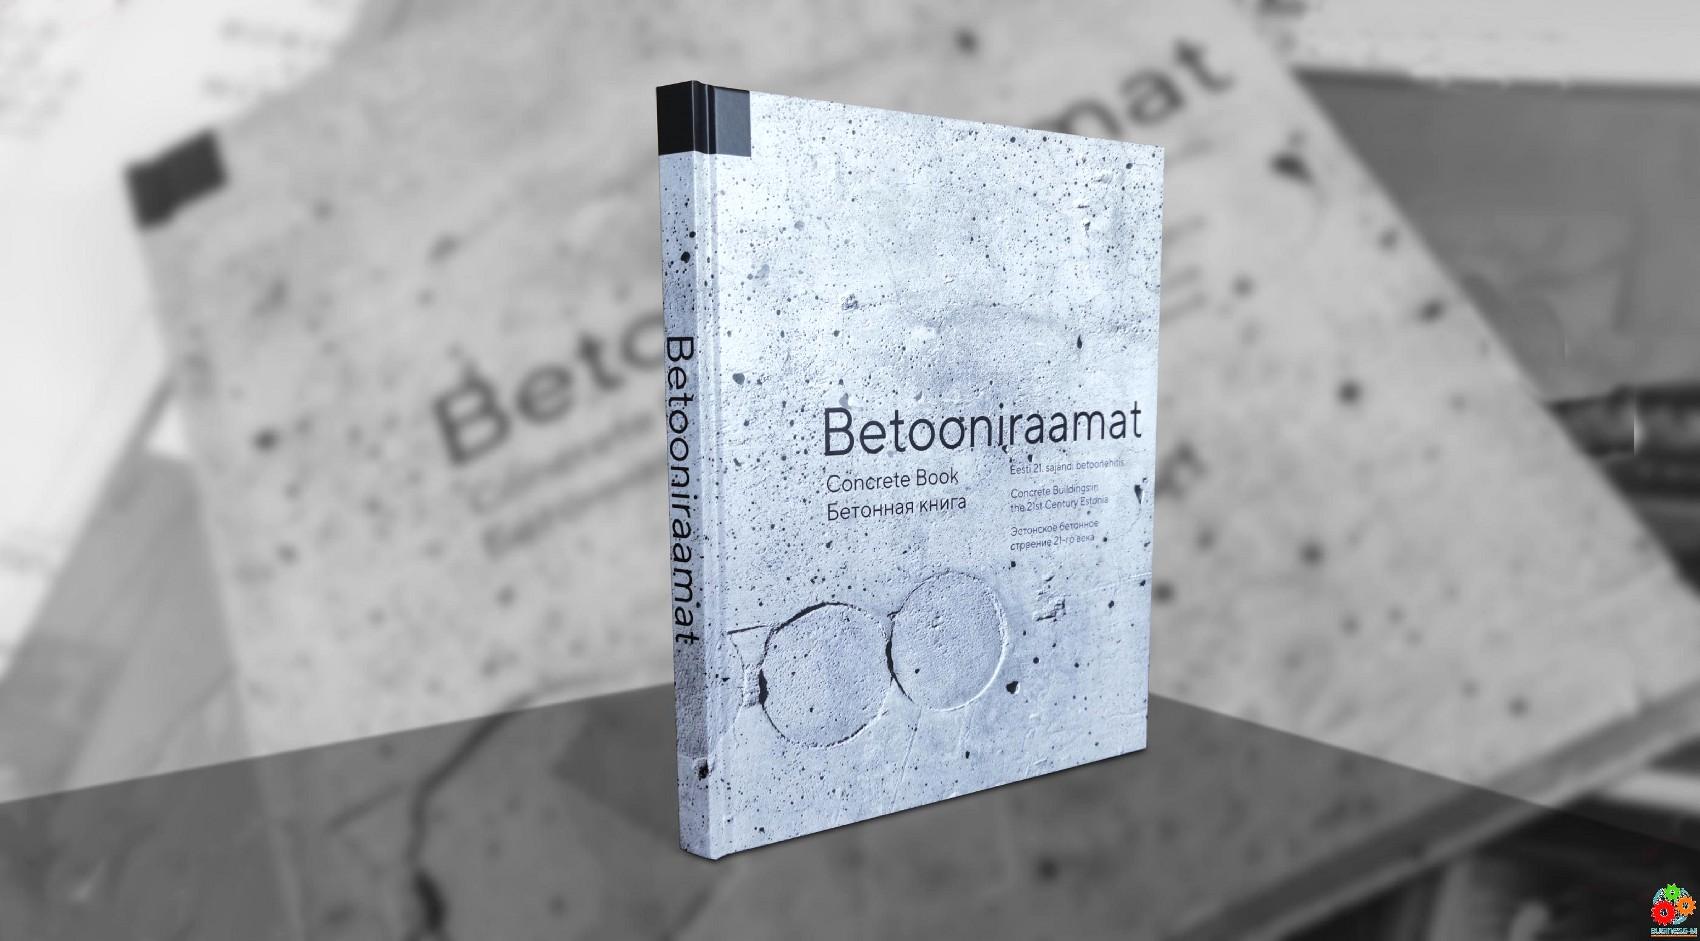 «Бетонная книга» – обзорное издание об эстонской бетонной архитектуре и бетонном строительстве 21-го века